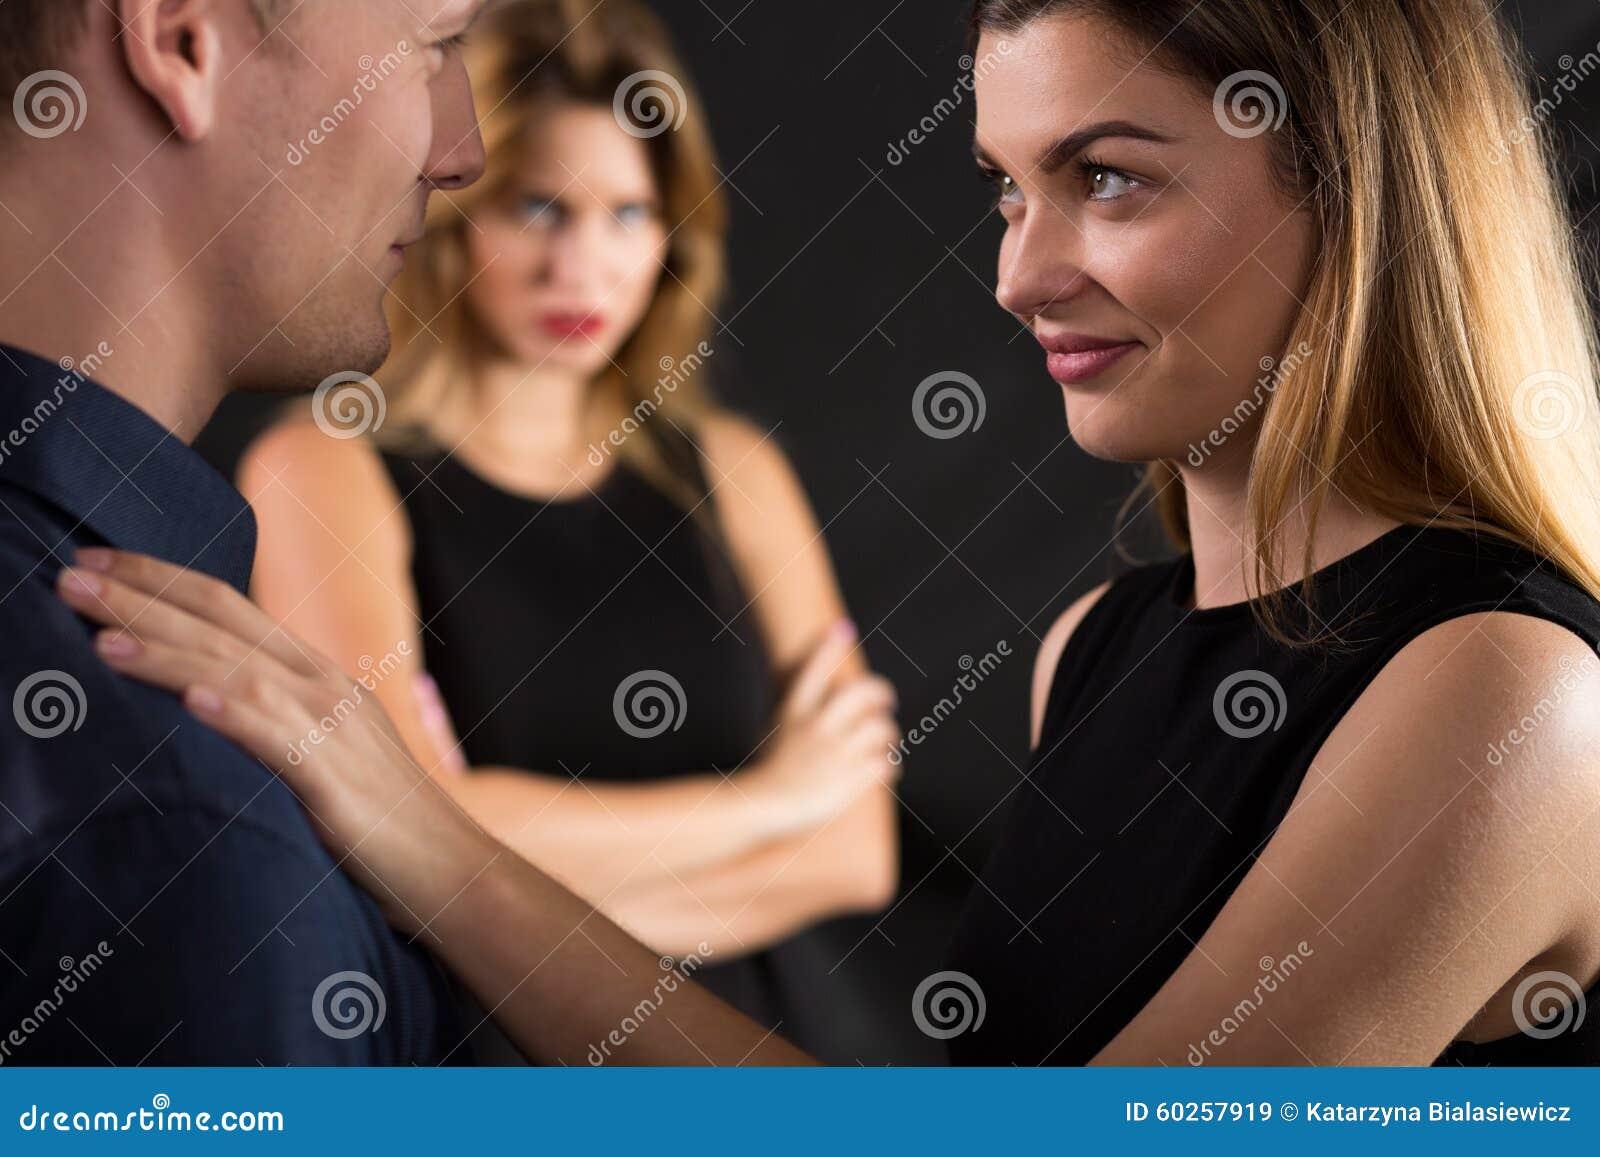 homme marié flirt